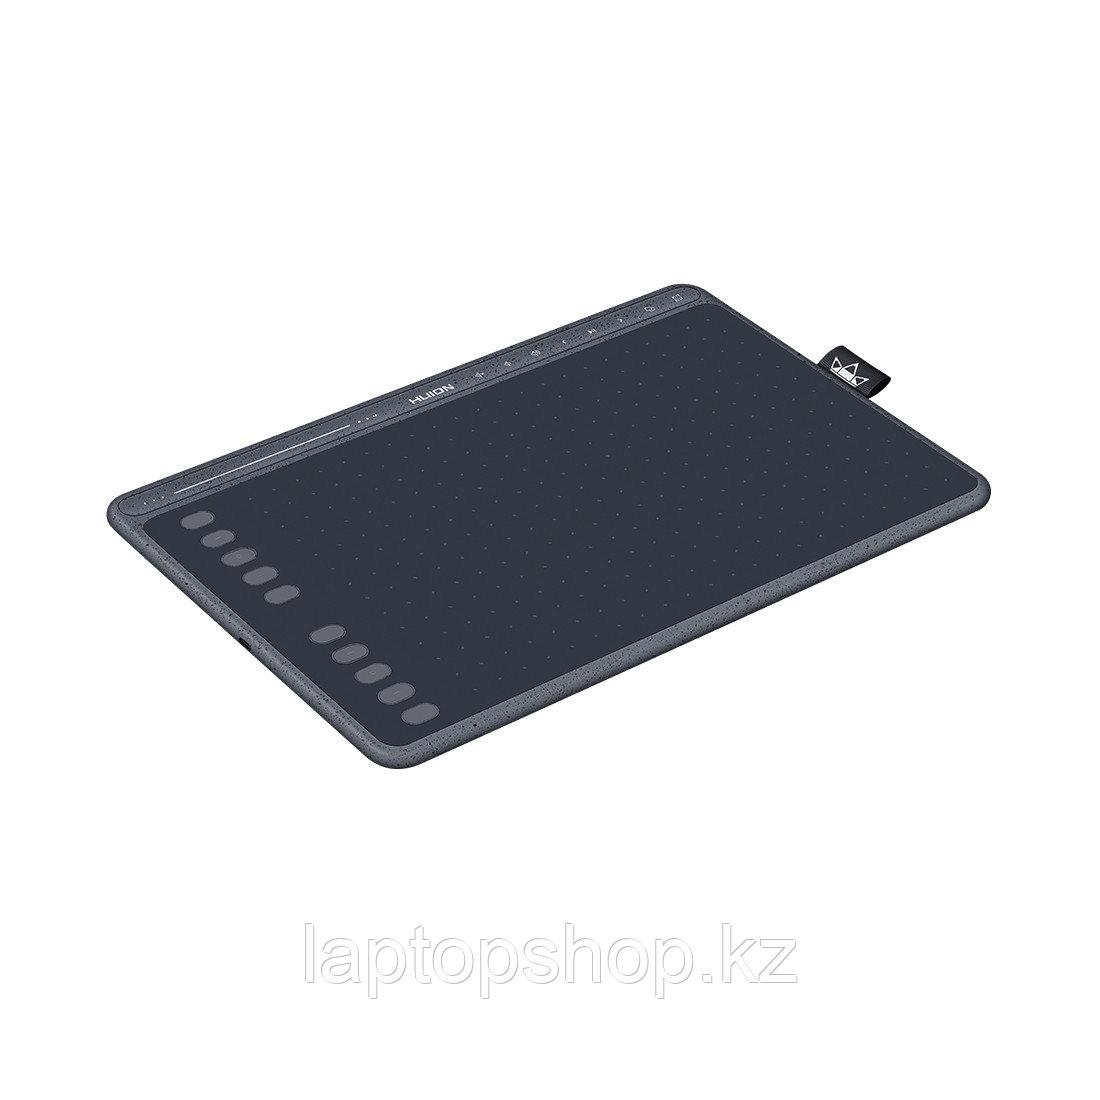 Графический планшет Huion HS611